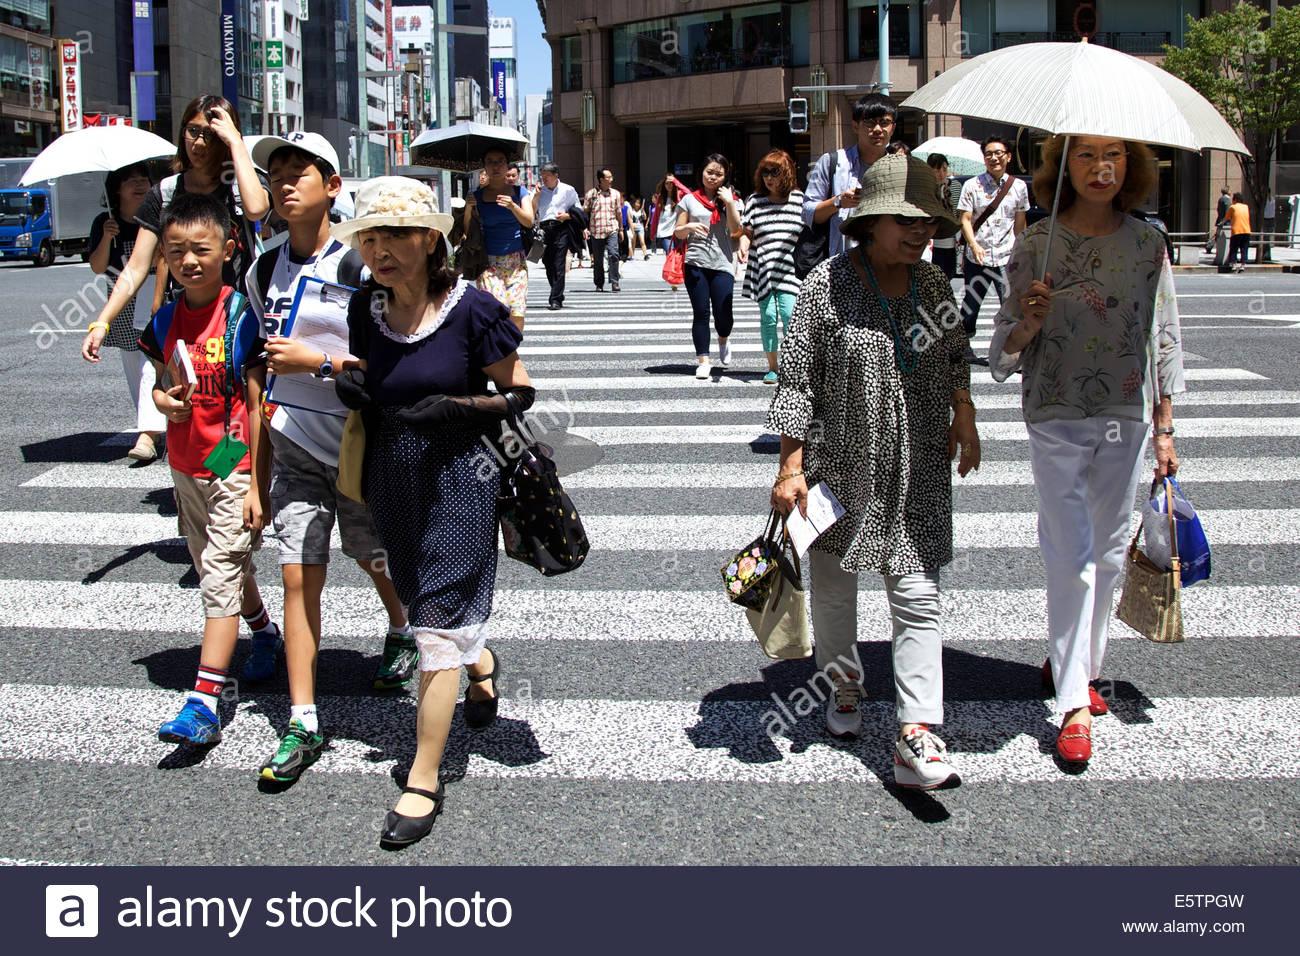 जापानमा अत्याधिक गर्मीले ११ को मृत्यु, ६ हजारभन्दा बढी अस्पताल भर्ना